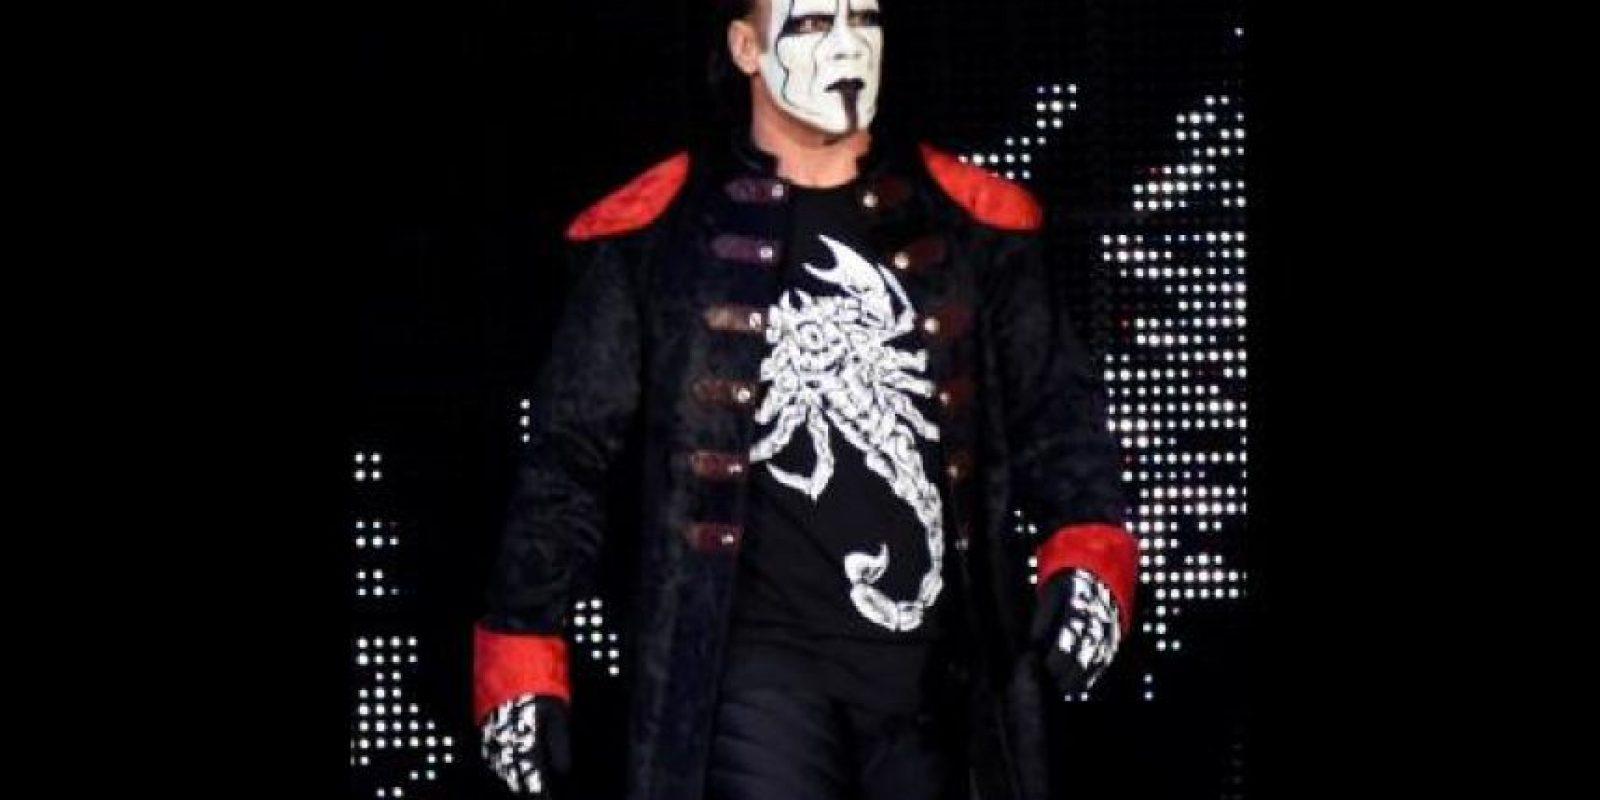 Sting es un luchador estadounidense de 56 años que participa en la WWE. Su nombre real es Steve Borden. Foto:WWE